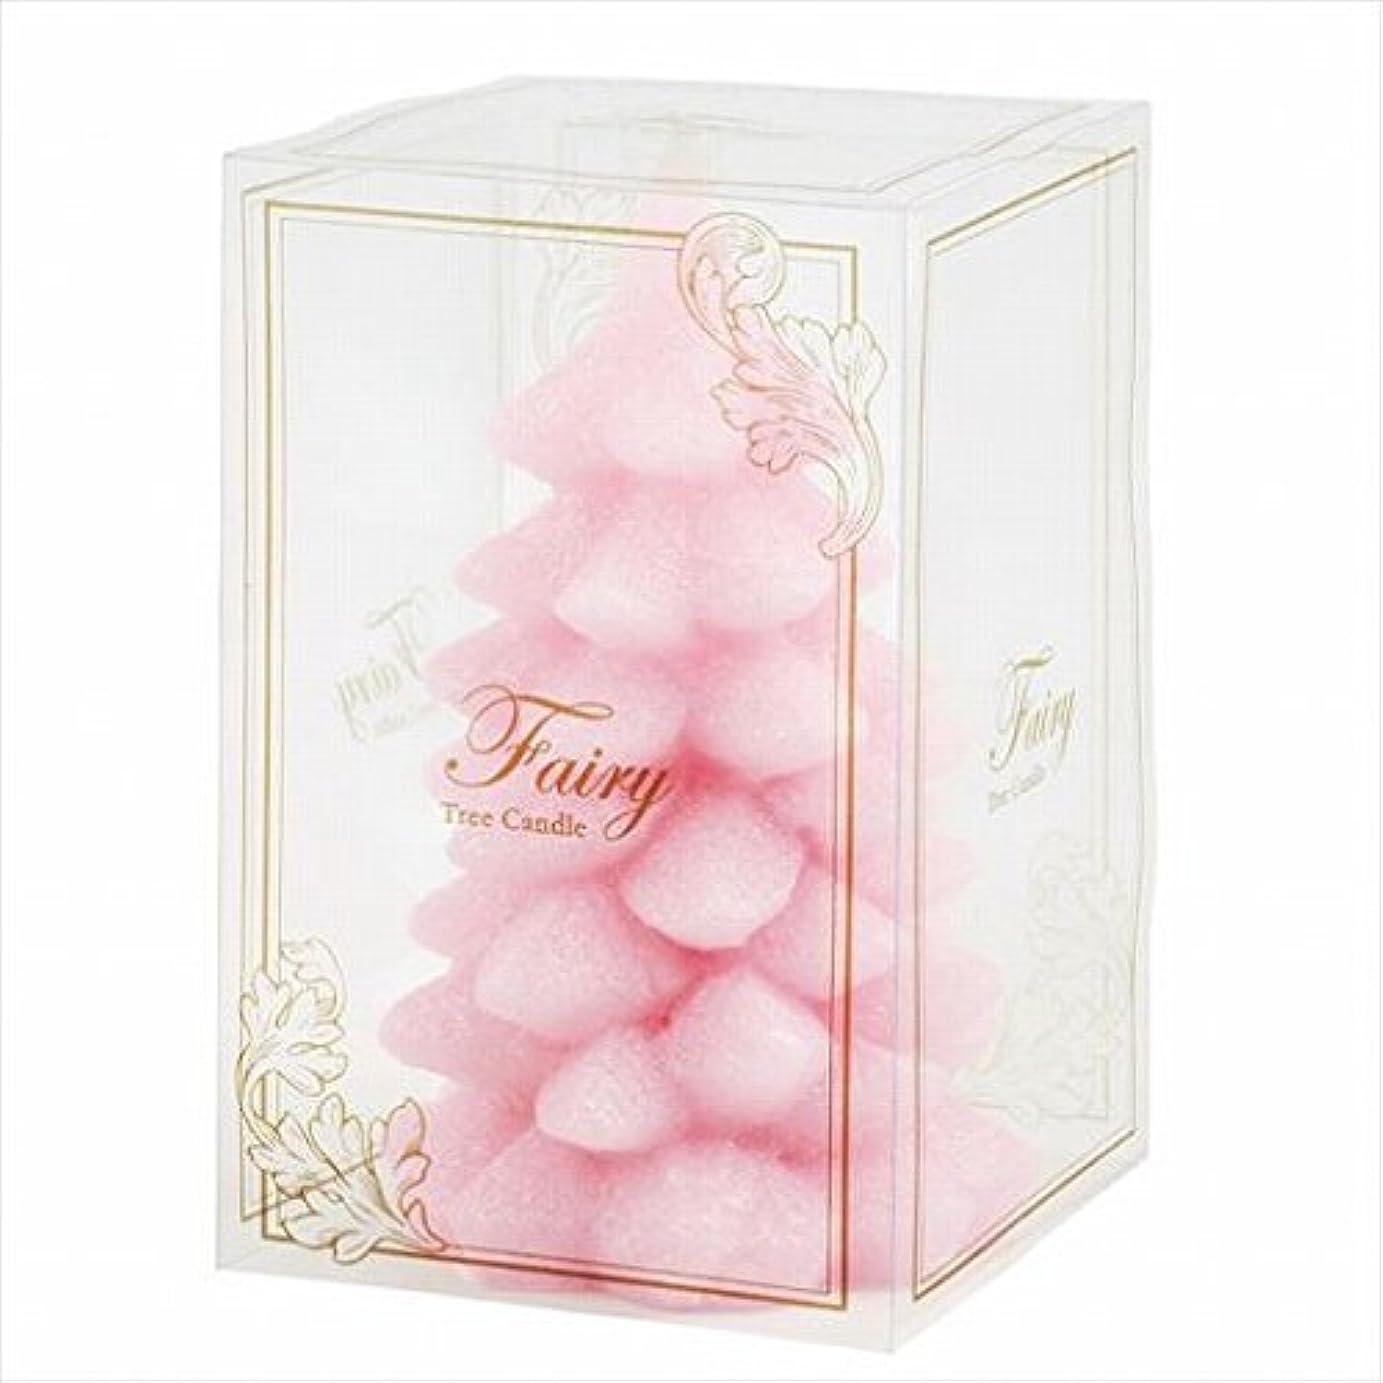 脳レディロック解除カメヤマキャンドル(kameyama candle) フェアリーツリーL 「 ピンク 」